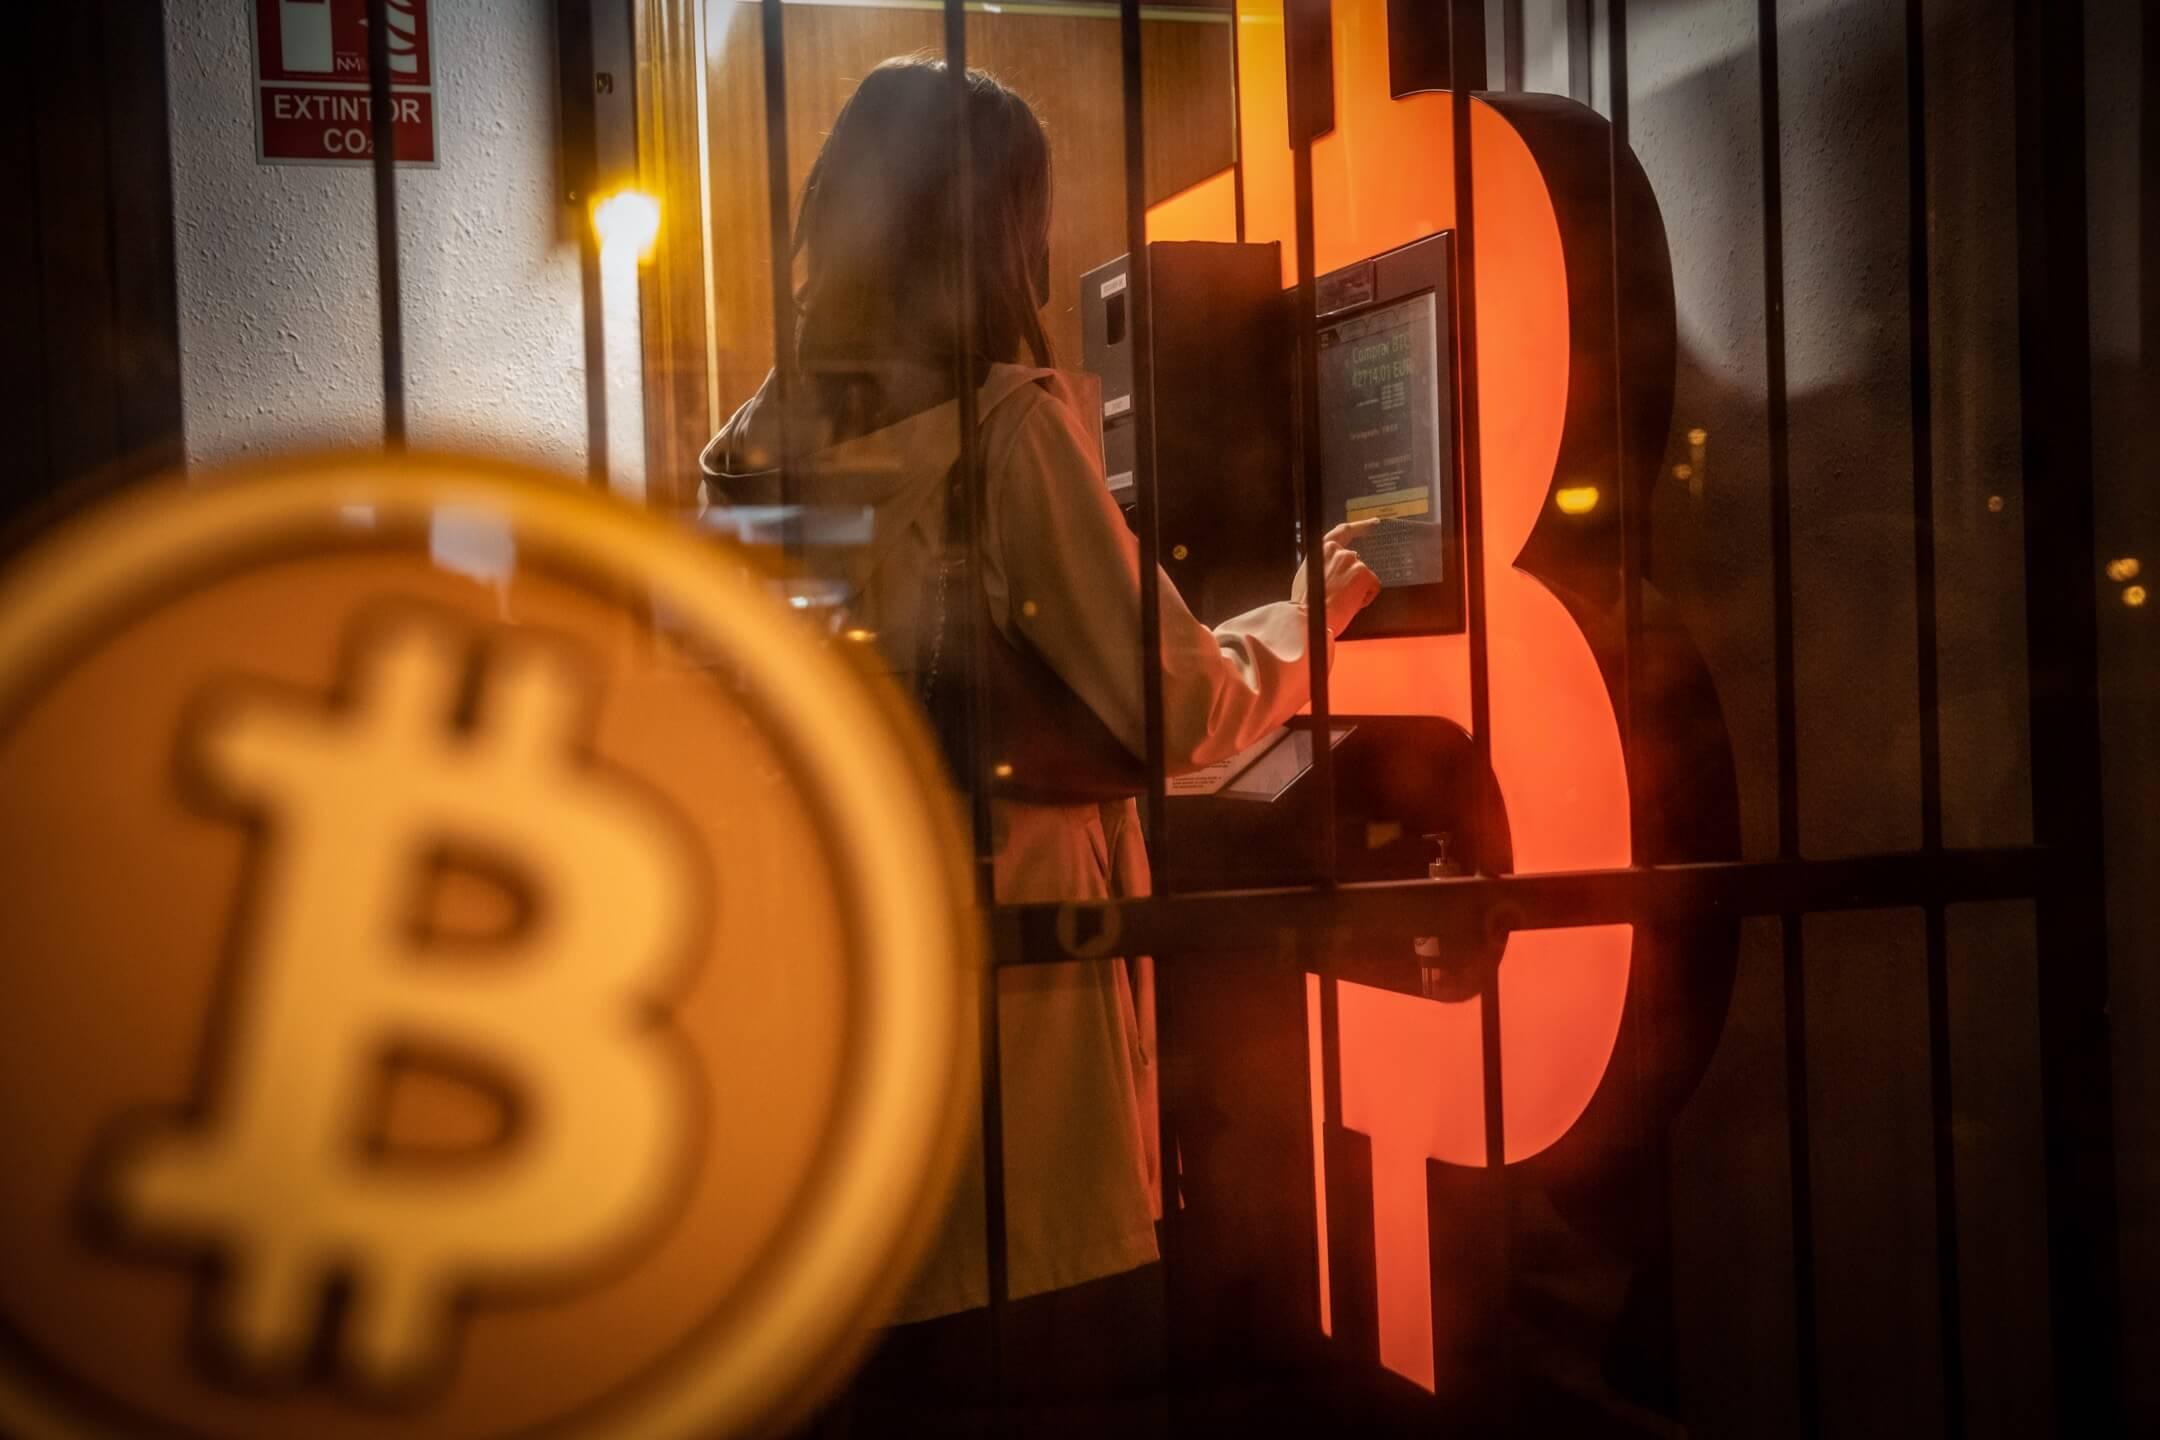 2021年2月23日,西班牙巴塞隆拿,一名顧客在使用一台比特幣櫃員機。 攝:Angel Garcia/Bloomberg via Getty Images